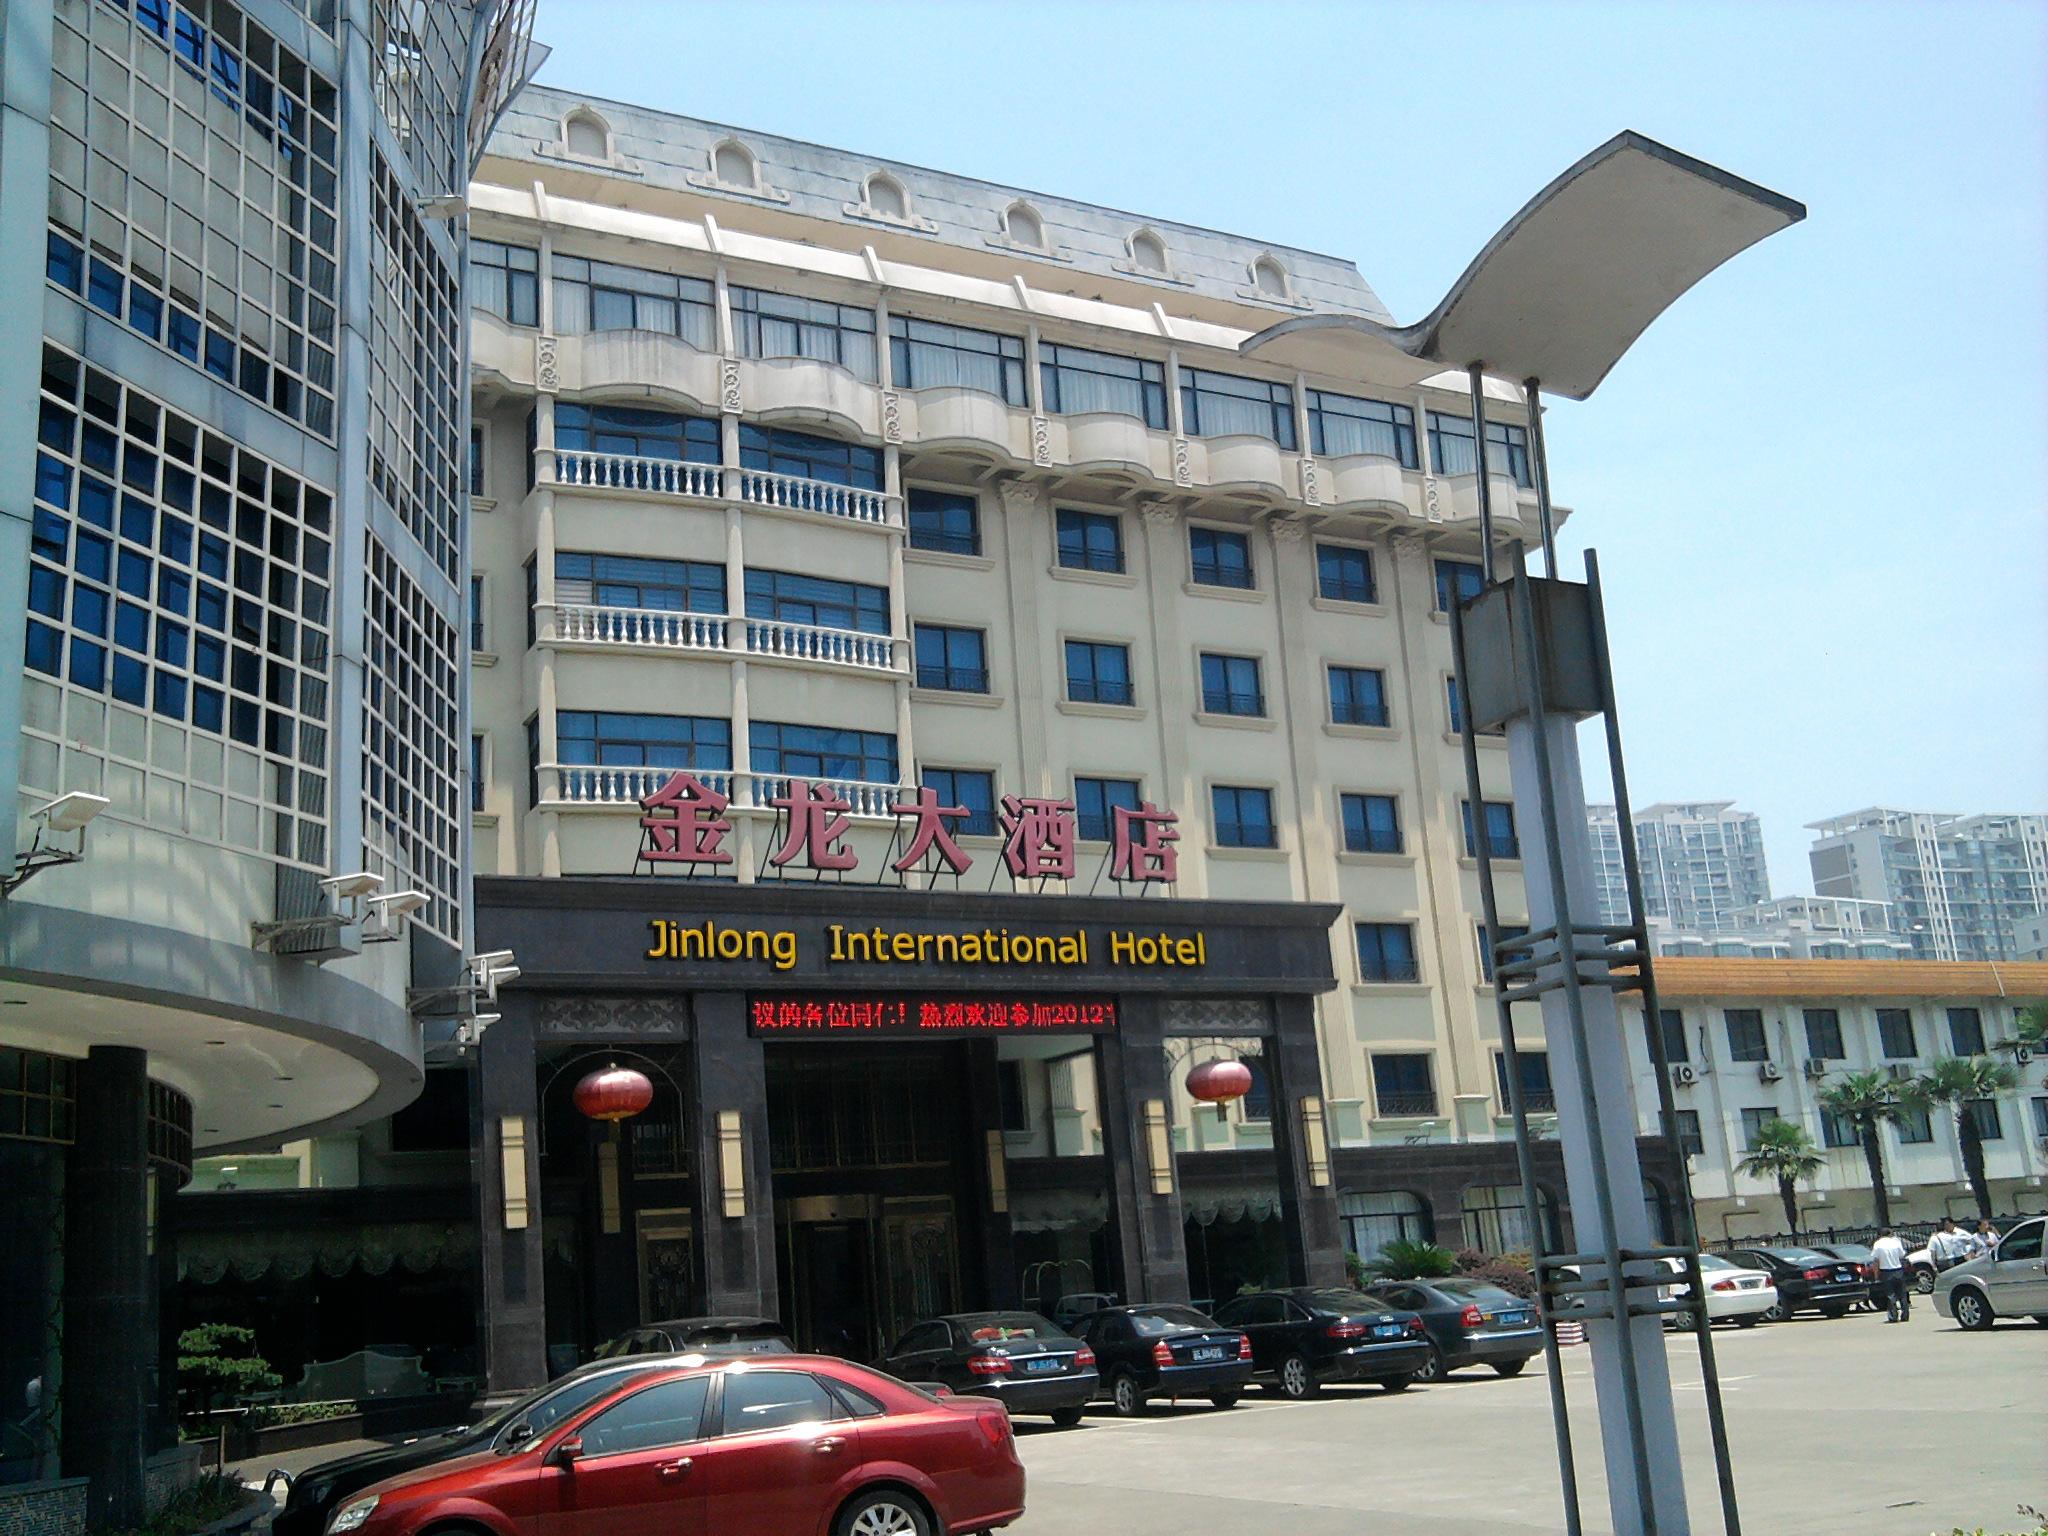 苏州金龙大酒店有限责任公司